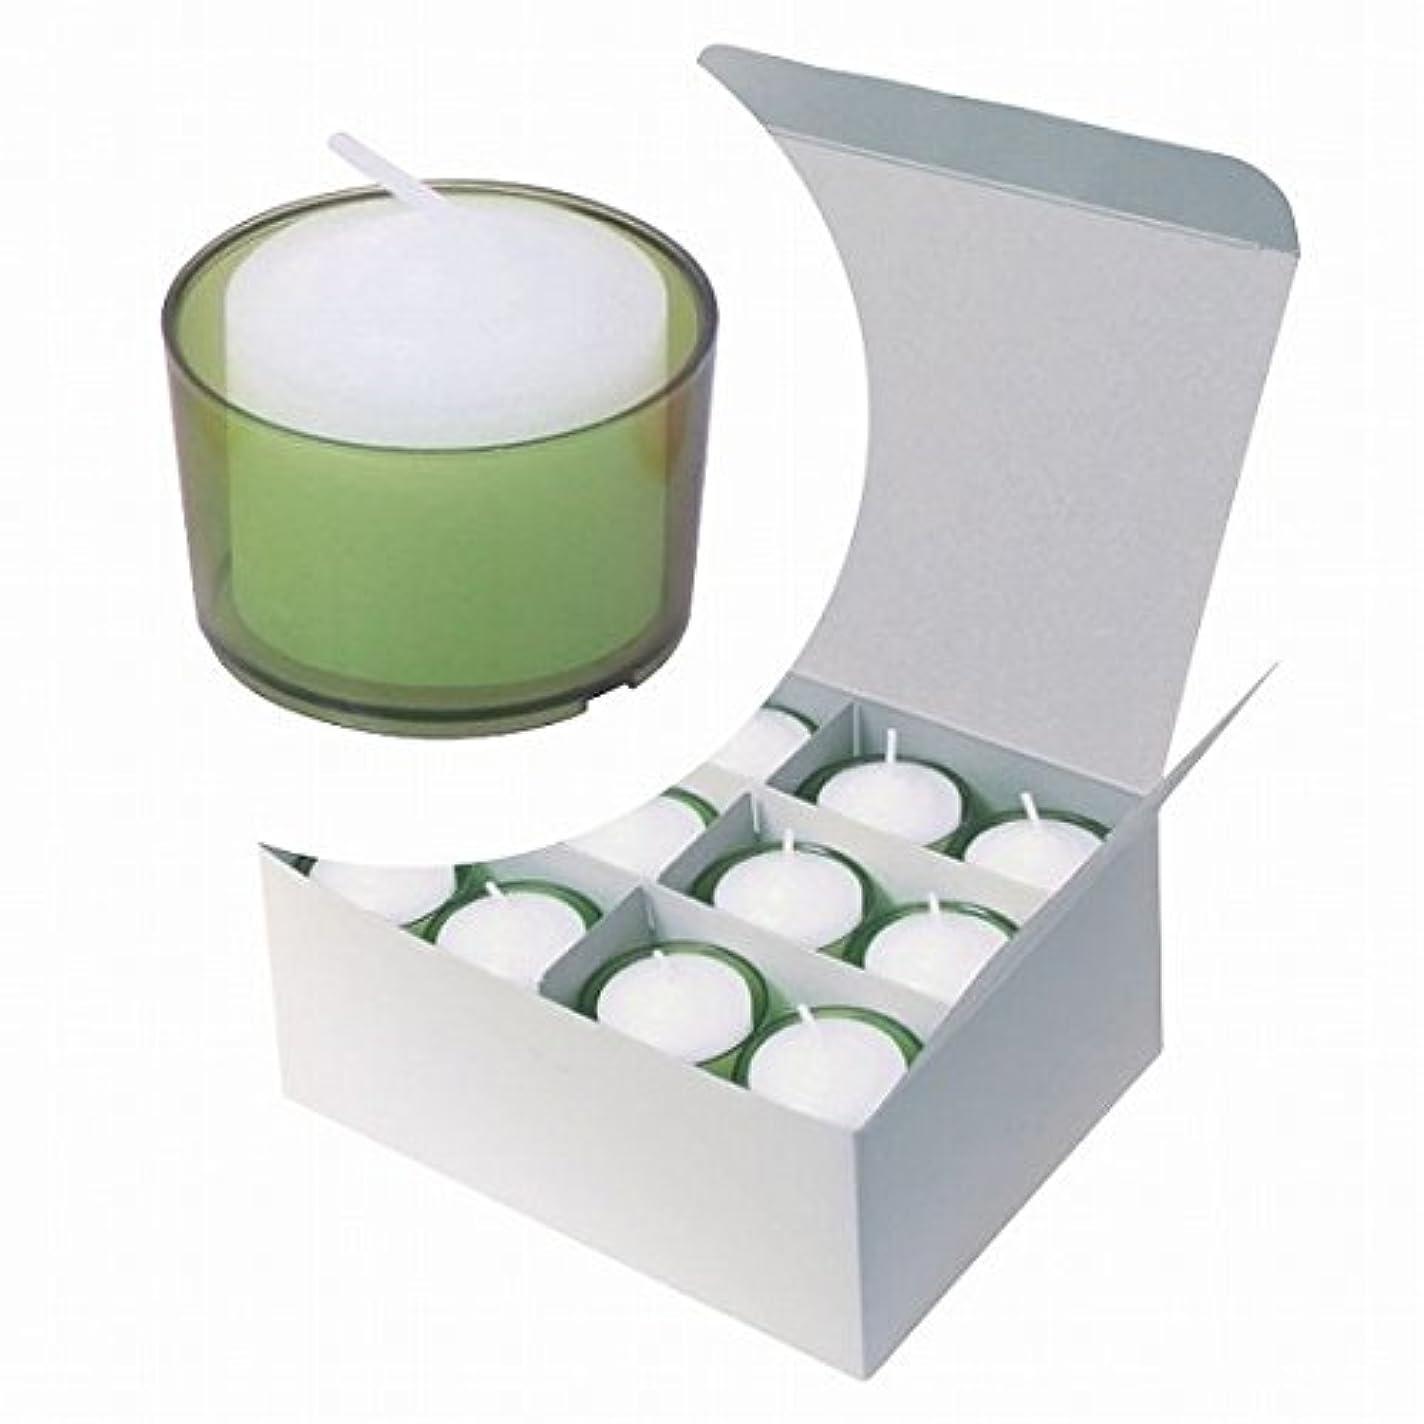 香港研究所航空カメヤマキャンドル(kameyama candle) カラークリアカップボーティブ6時間タイプ 24個入り 「 グリーン 」